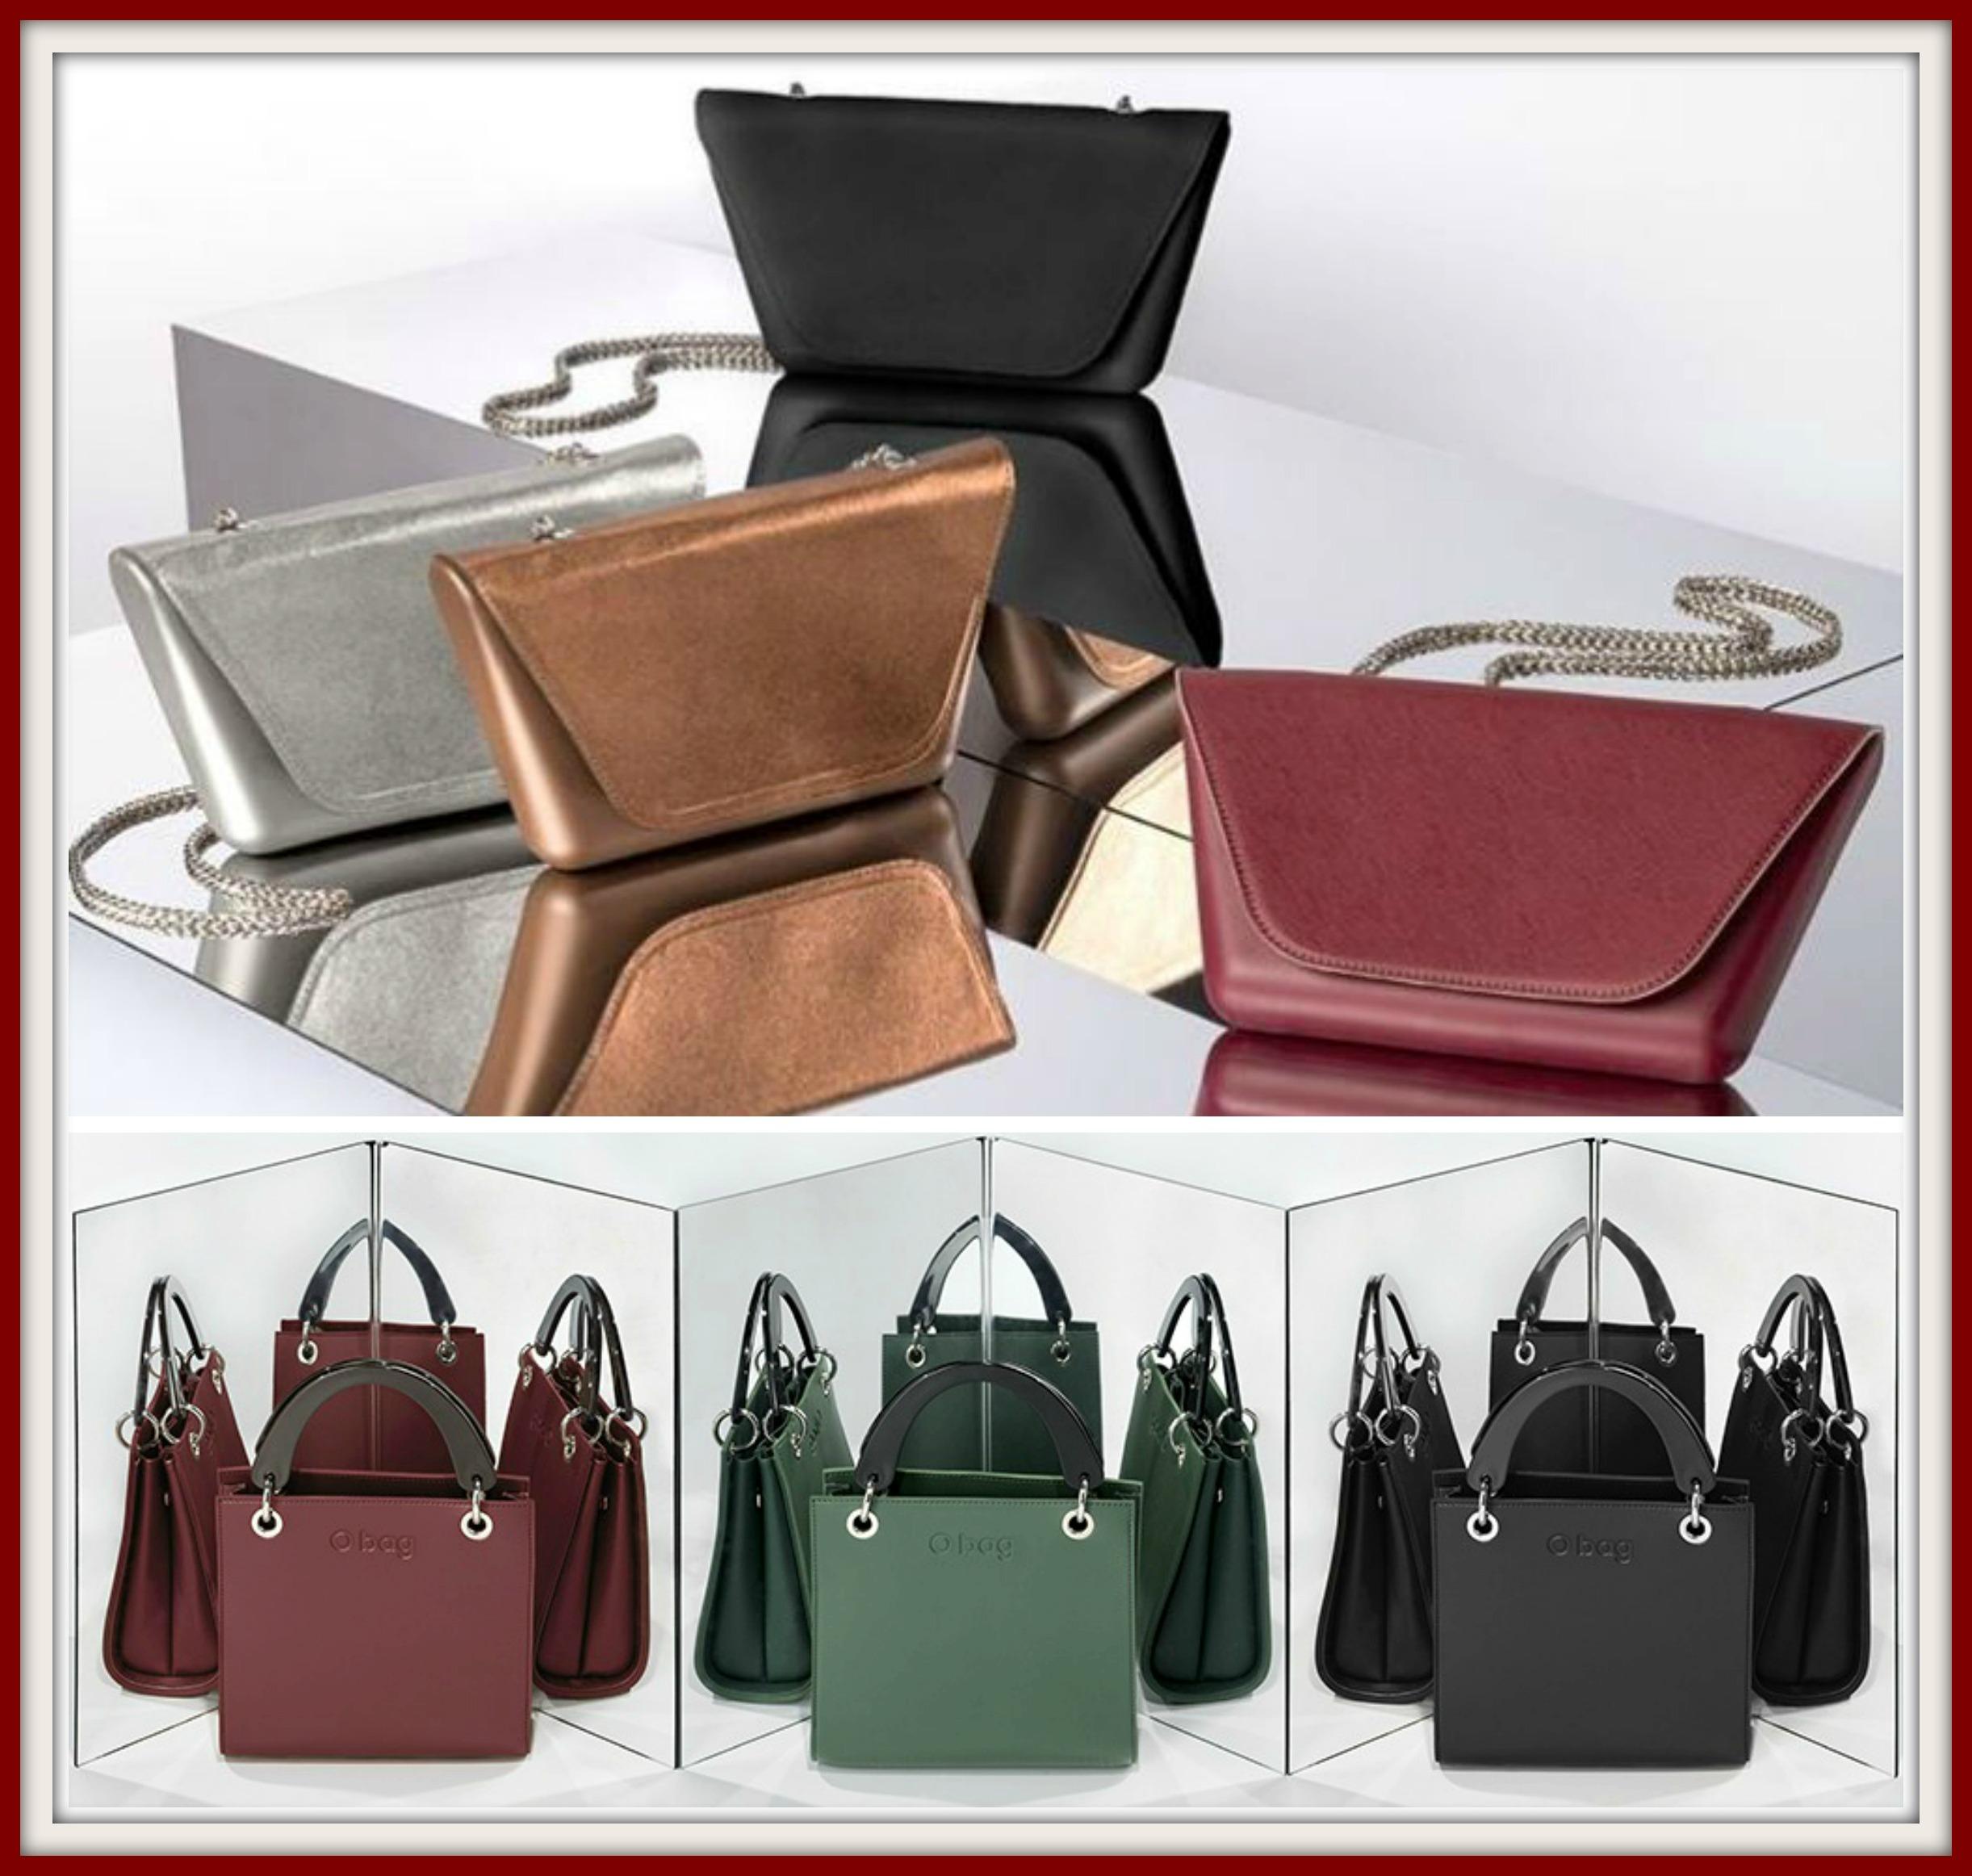 Nuove Borse O Bag collezione Natale 2018